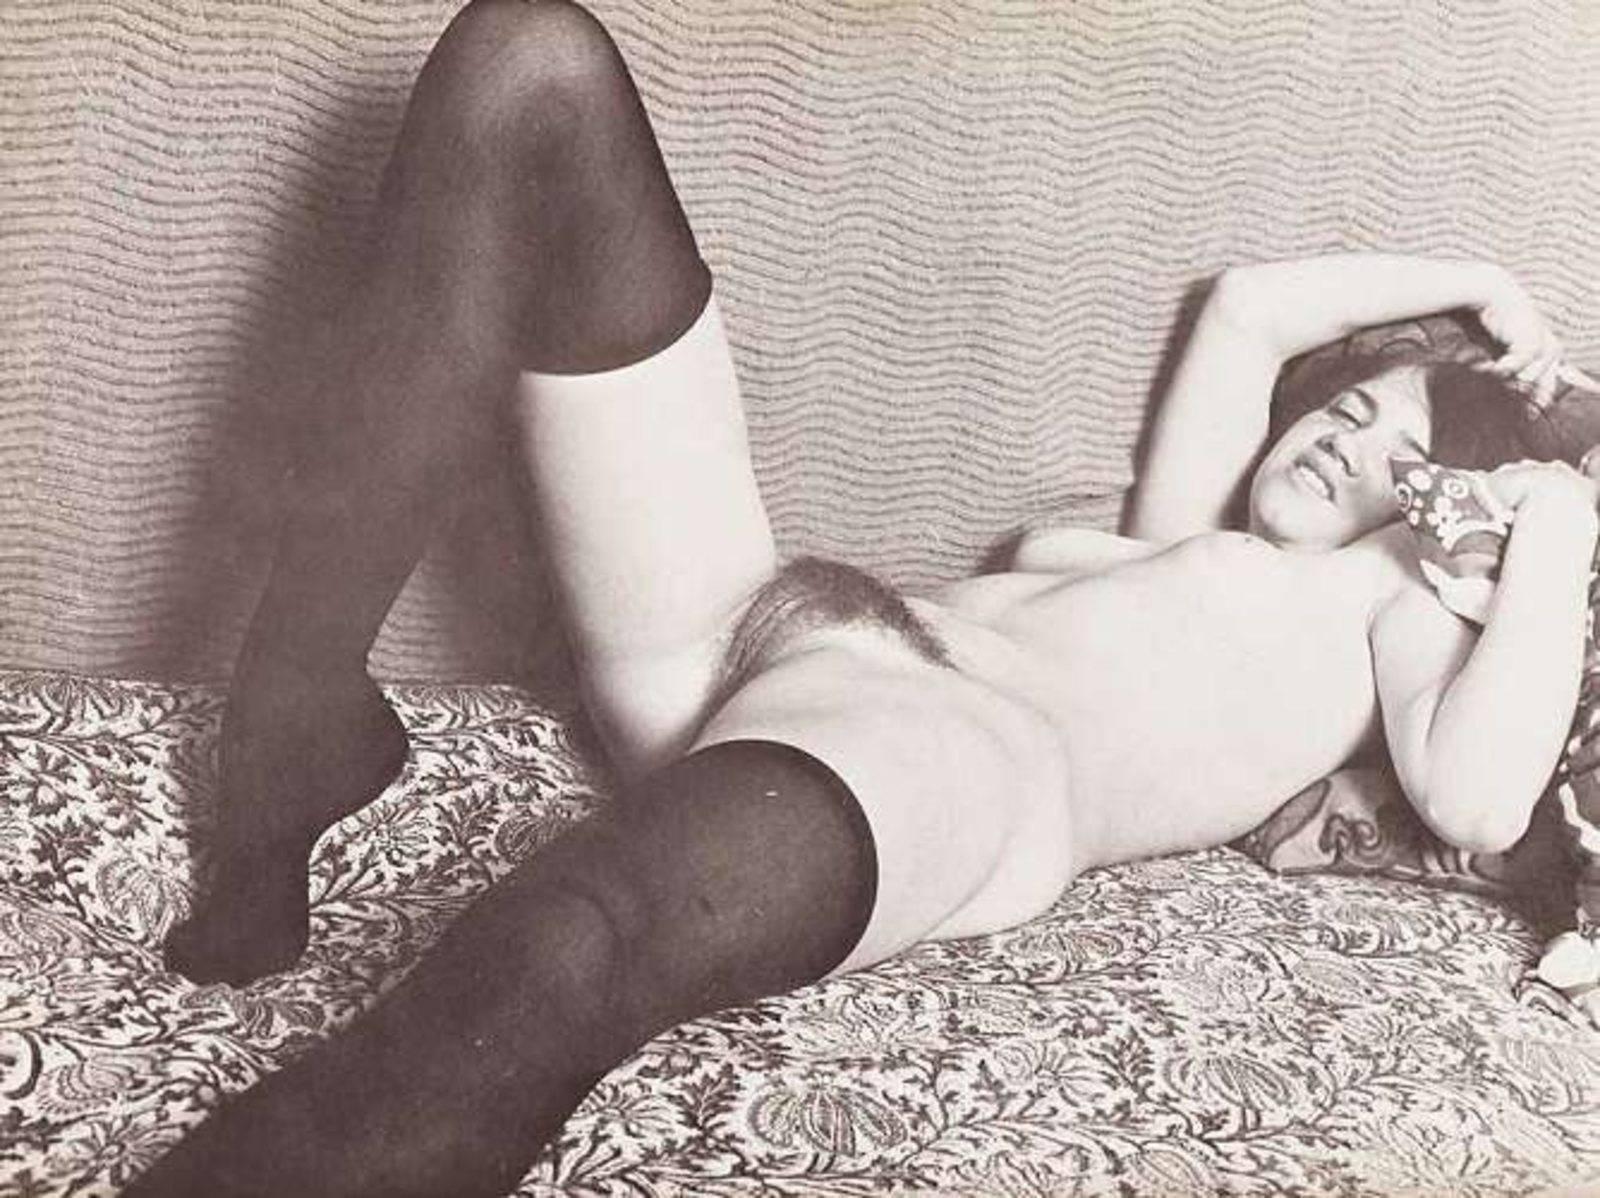 Фото ретро порно волосатая пизда 9 фотография